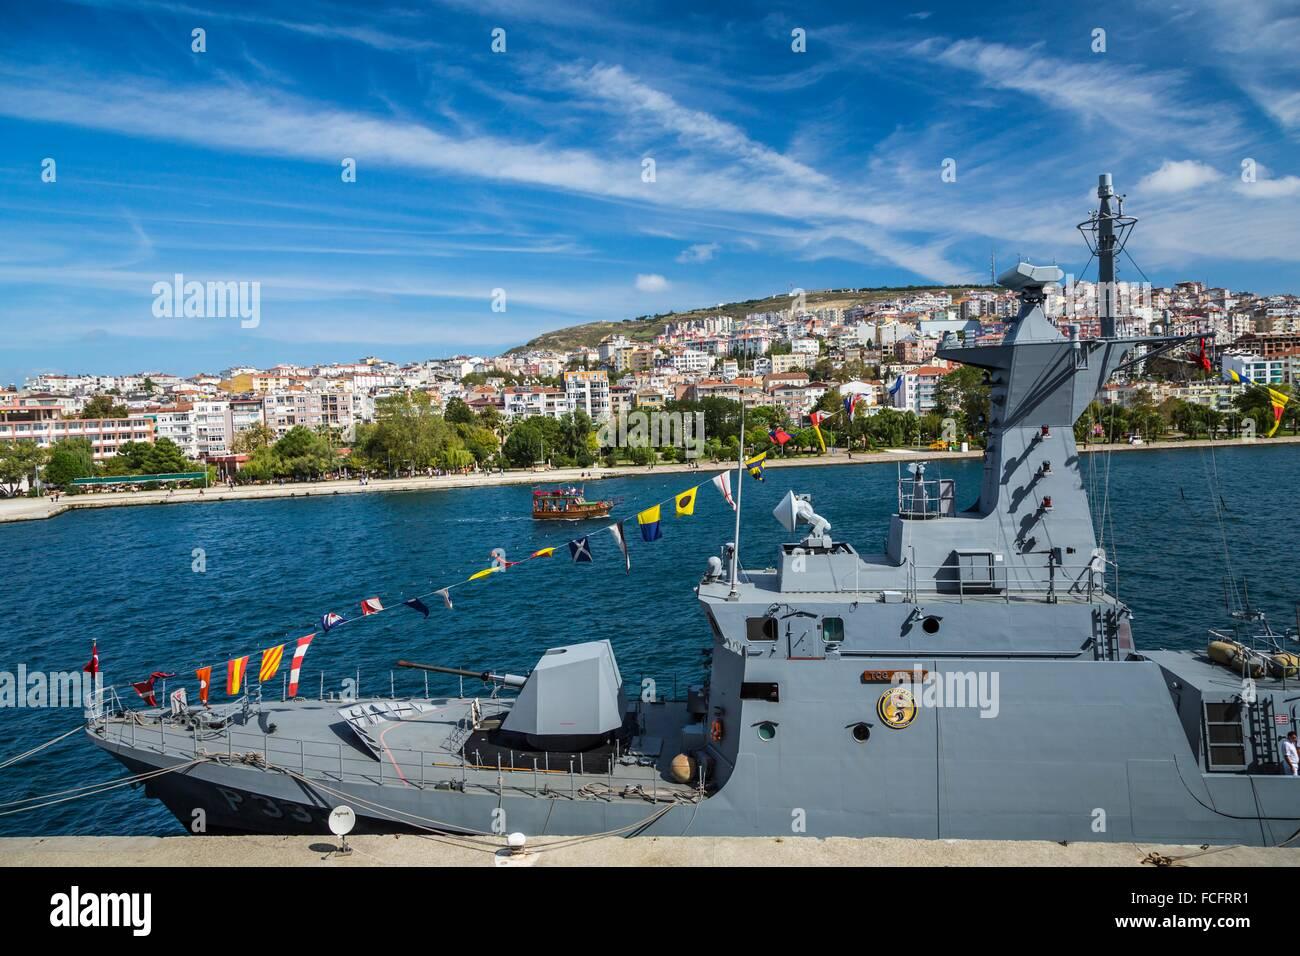 Eine türkische Militärschiff im Schwarzen Meer Hafen Stadt Sinop, Türkei. Stockbild